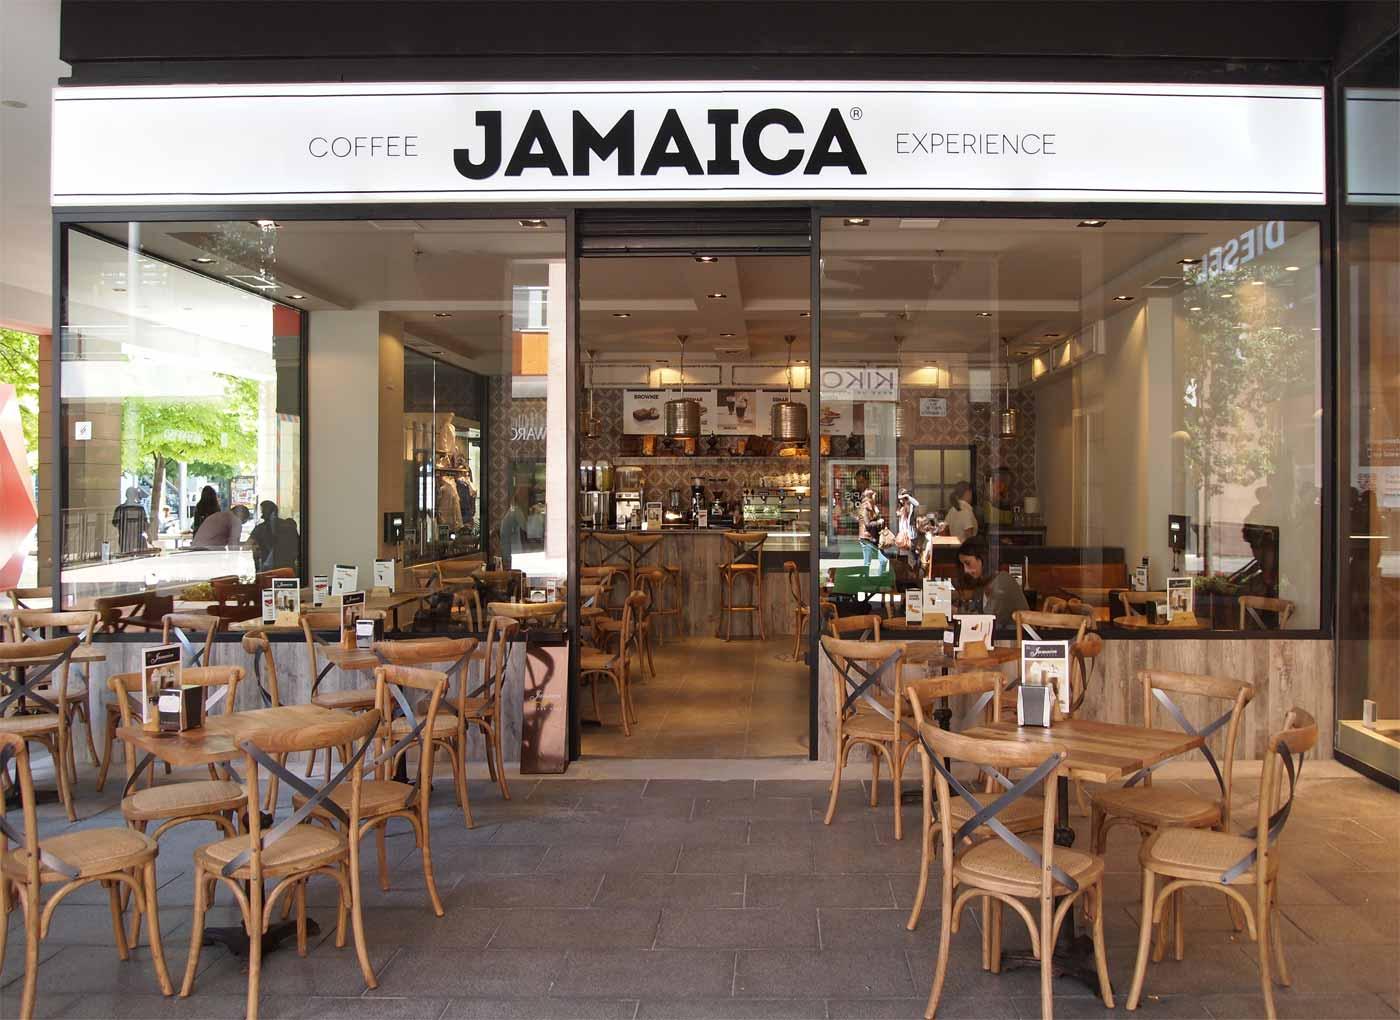 Imágenes del mobiliario vintage Francisco Segarra en la franquicia Jamaica Coffee